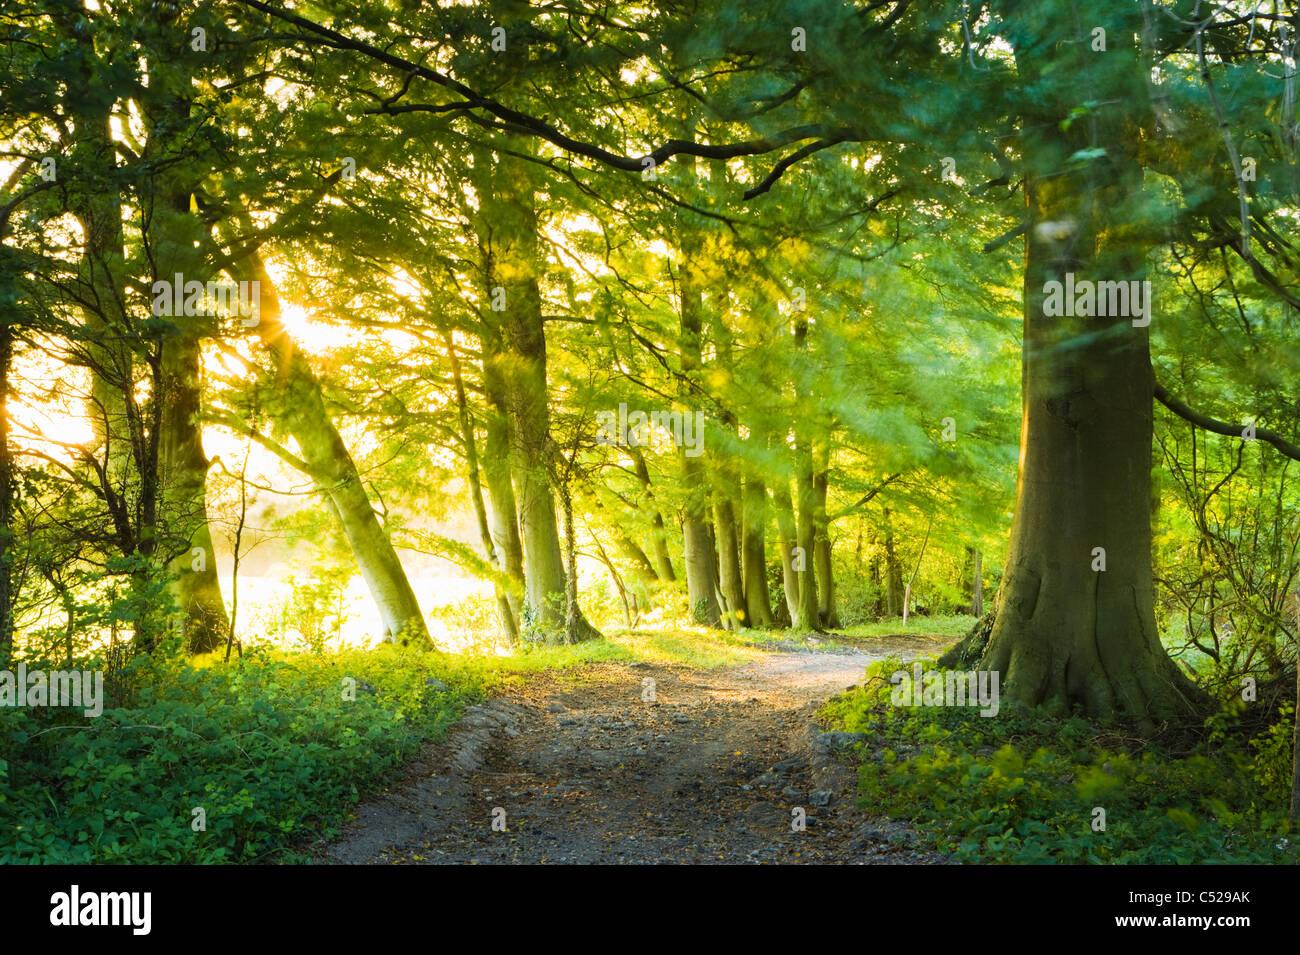 Verfolgen Sie durch Buchenwälder, in der Nähe von East Clandon, North Downs, Surrey, UK. Stockbild